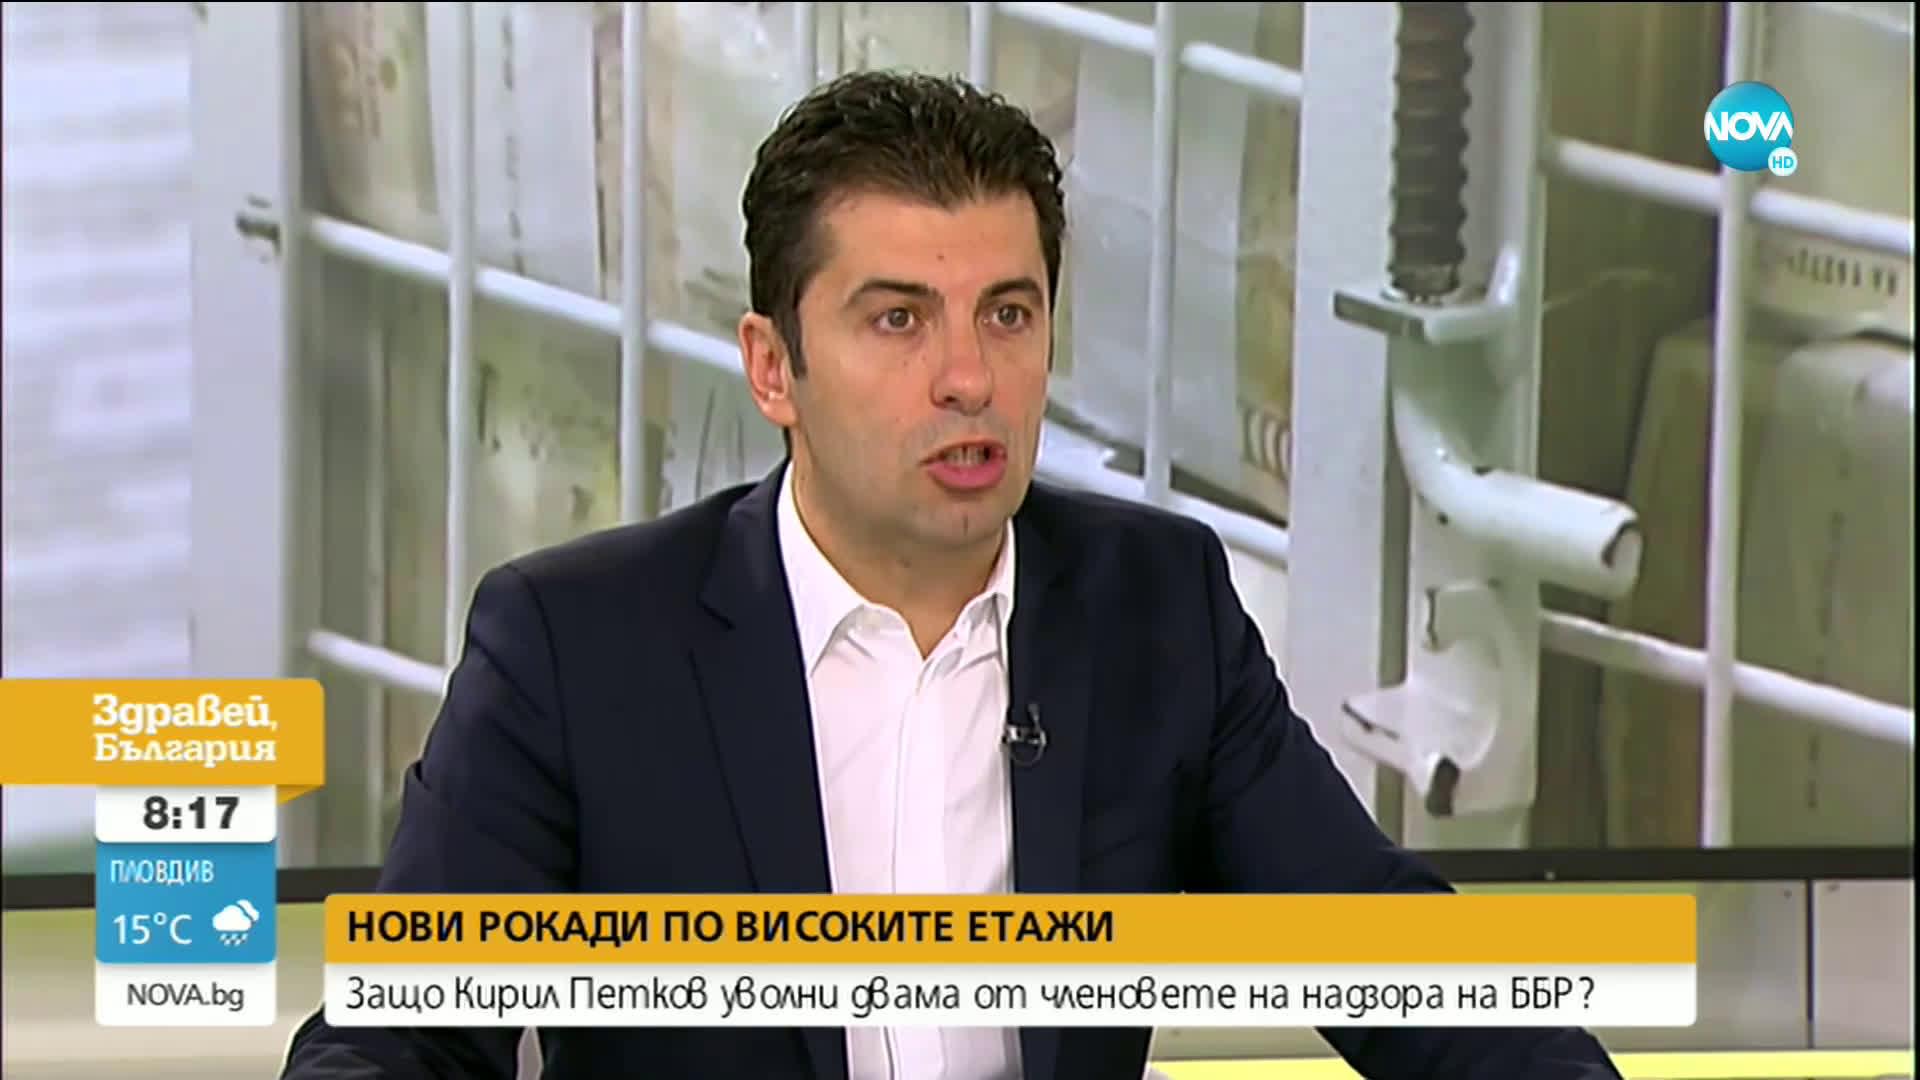 Кирил Петков: Днес ще обявим нови мерки в помощ на бизнеса